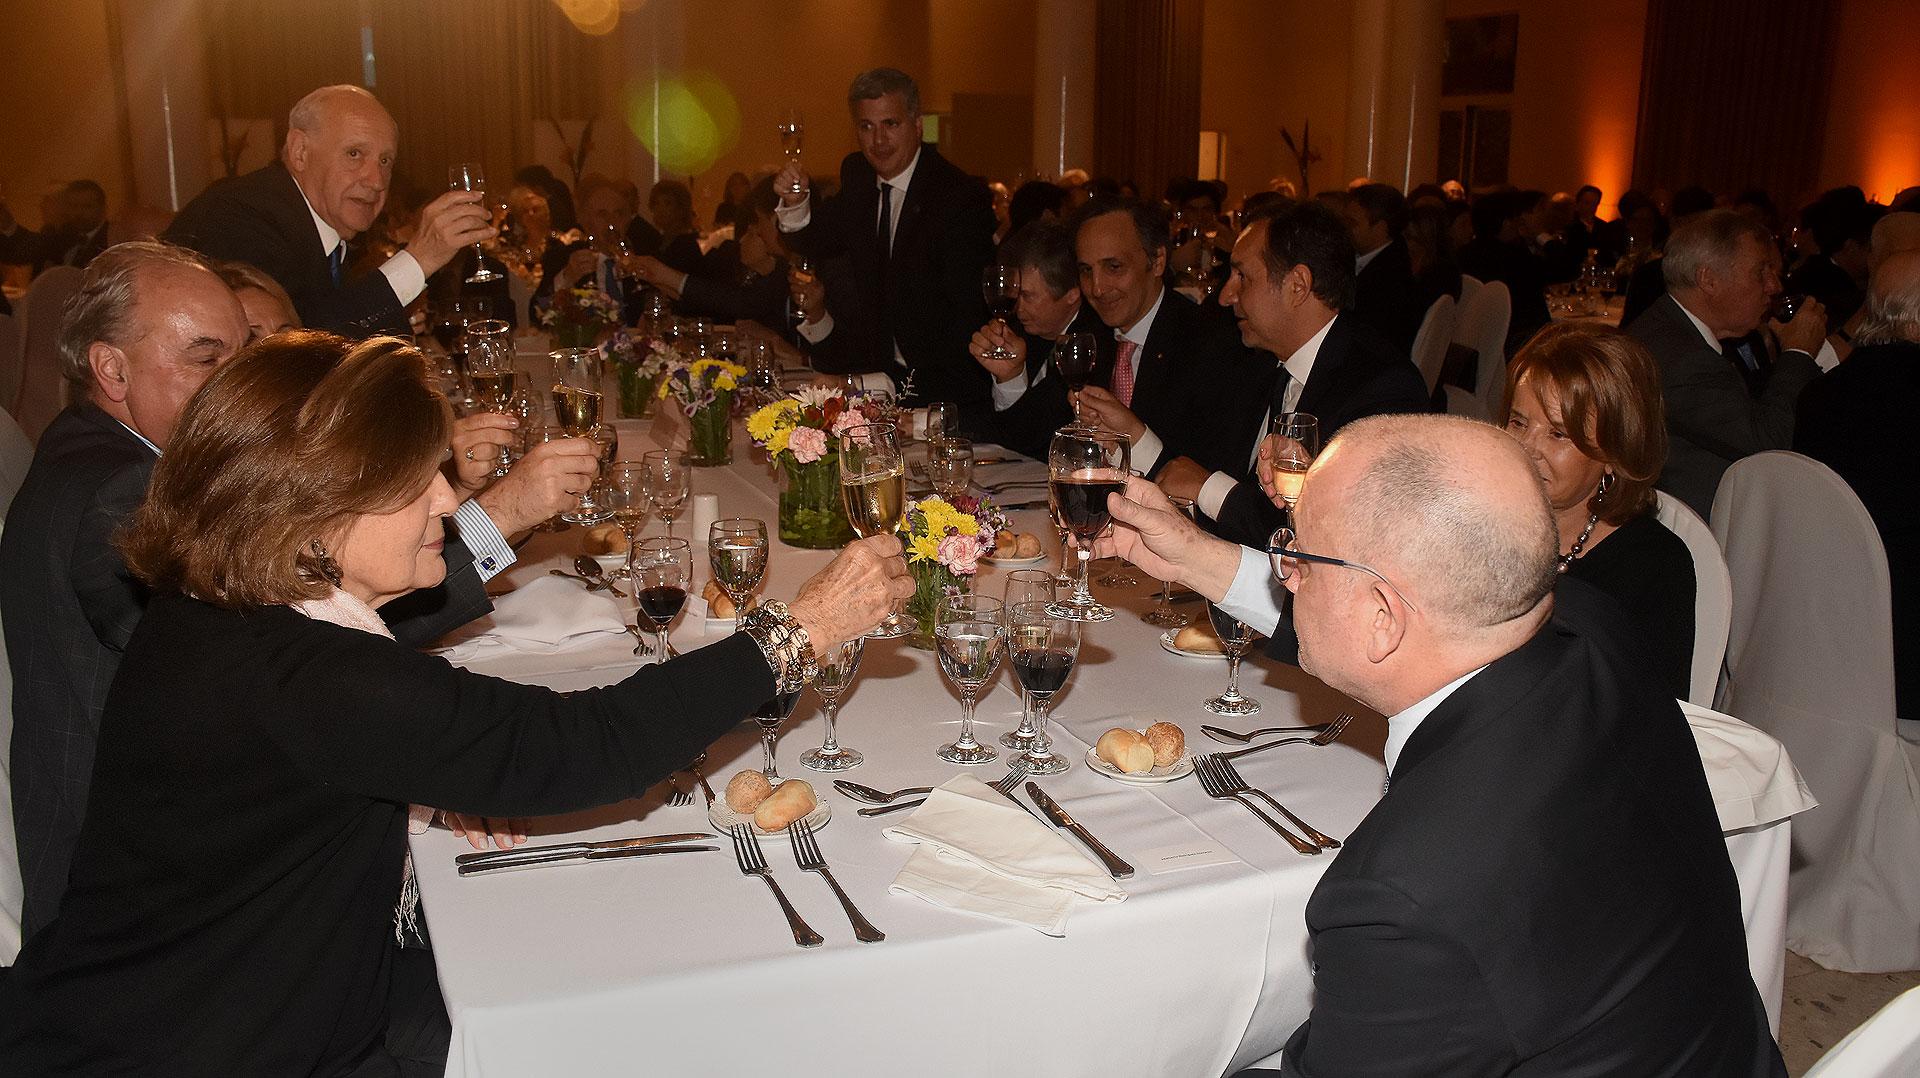 El brindis en la mesa principal tras el discurso del canciller Jorge Faurie